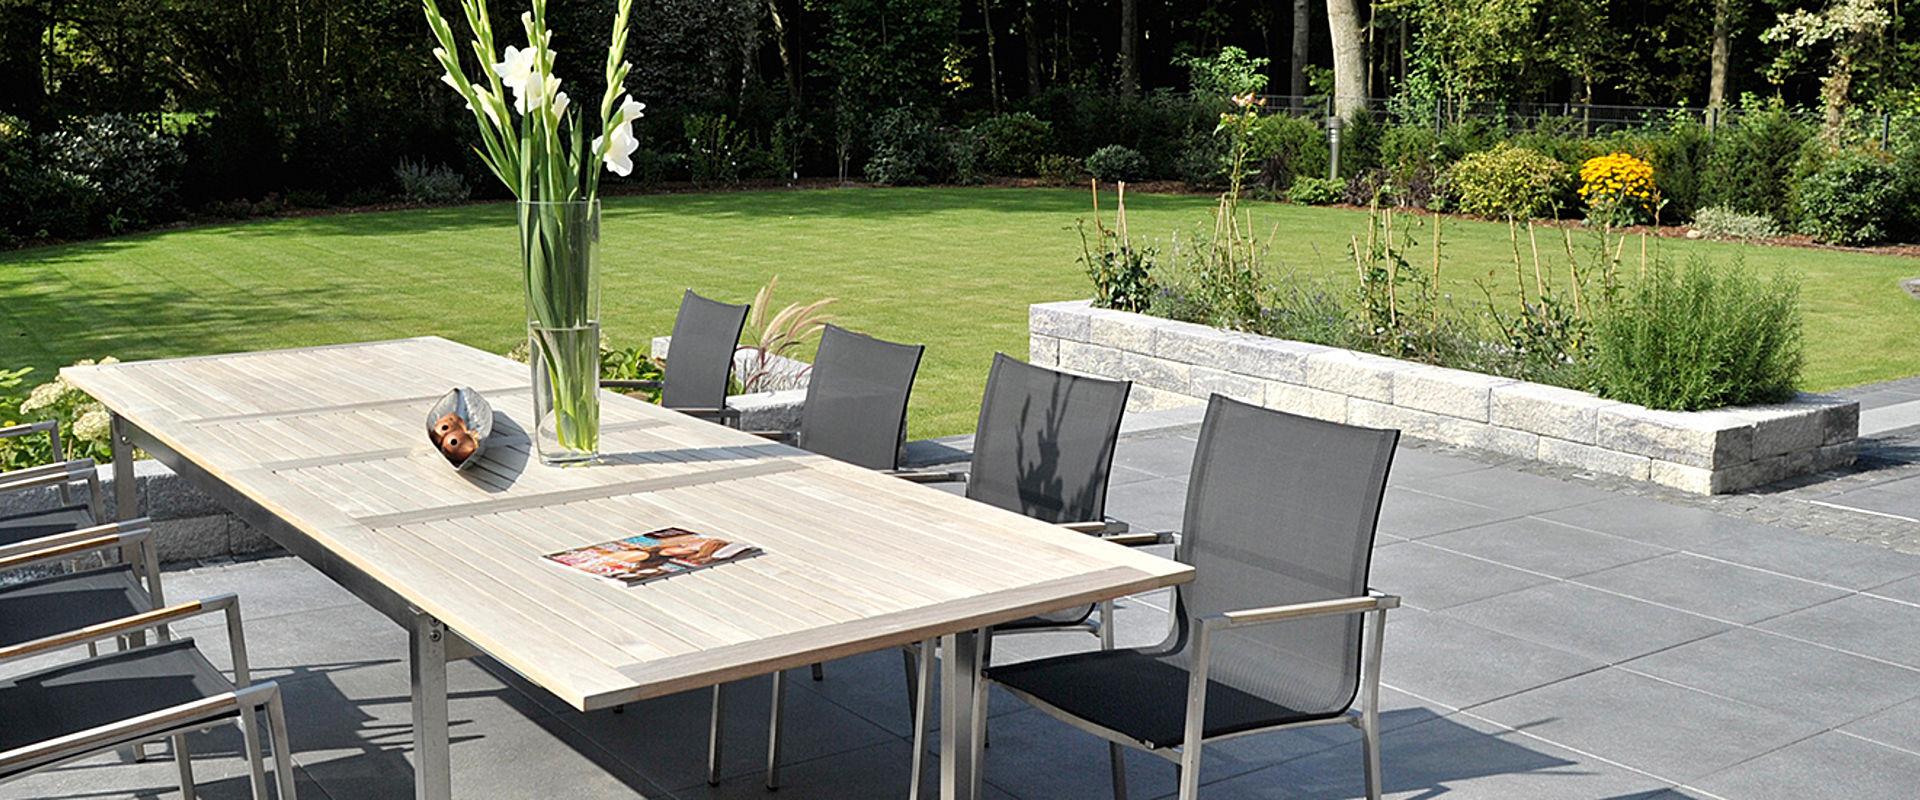 woehe & heydemann | terrassen voller lebensfreude